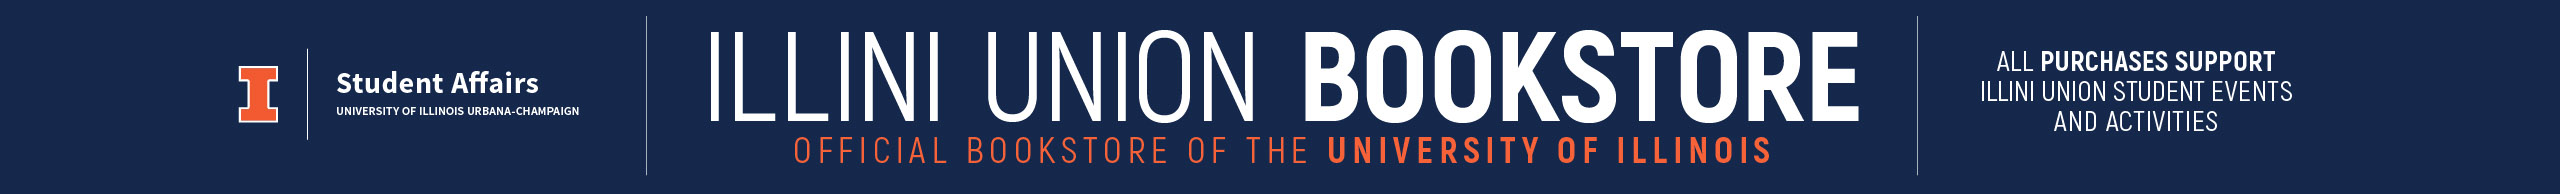 Illini Union Bookstore logo